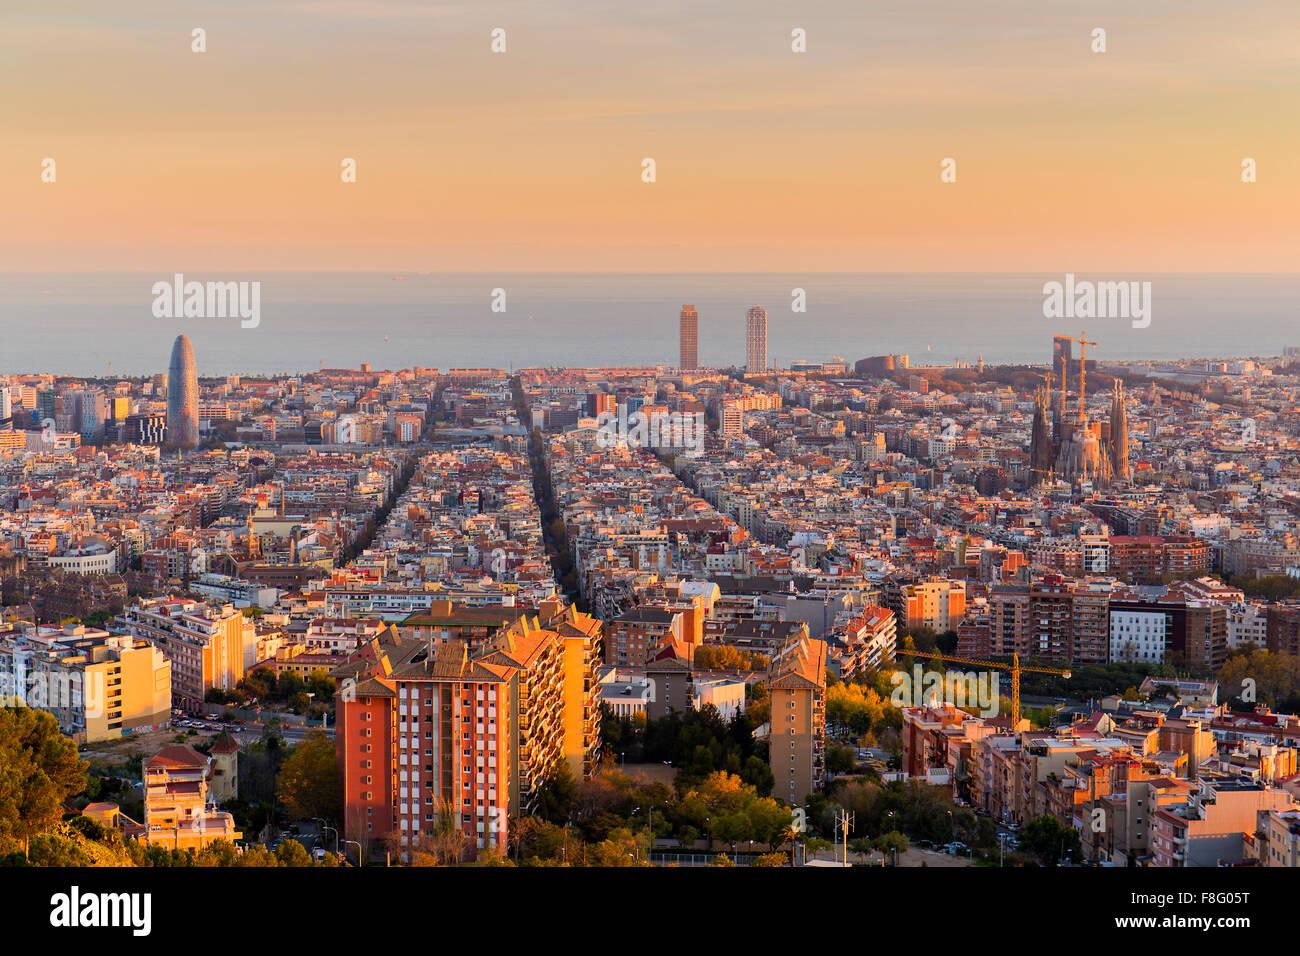 Les toits de Barcelone dans l'après-midi à l'heure d'Or Photo Stock